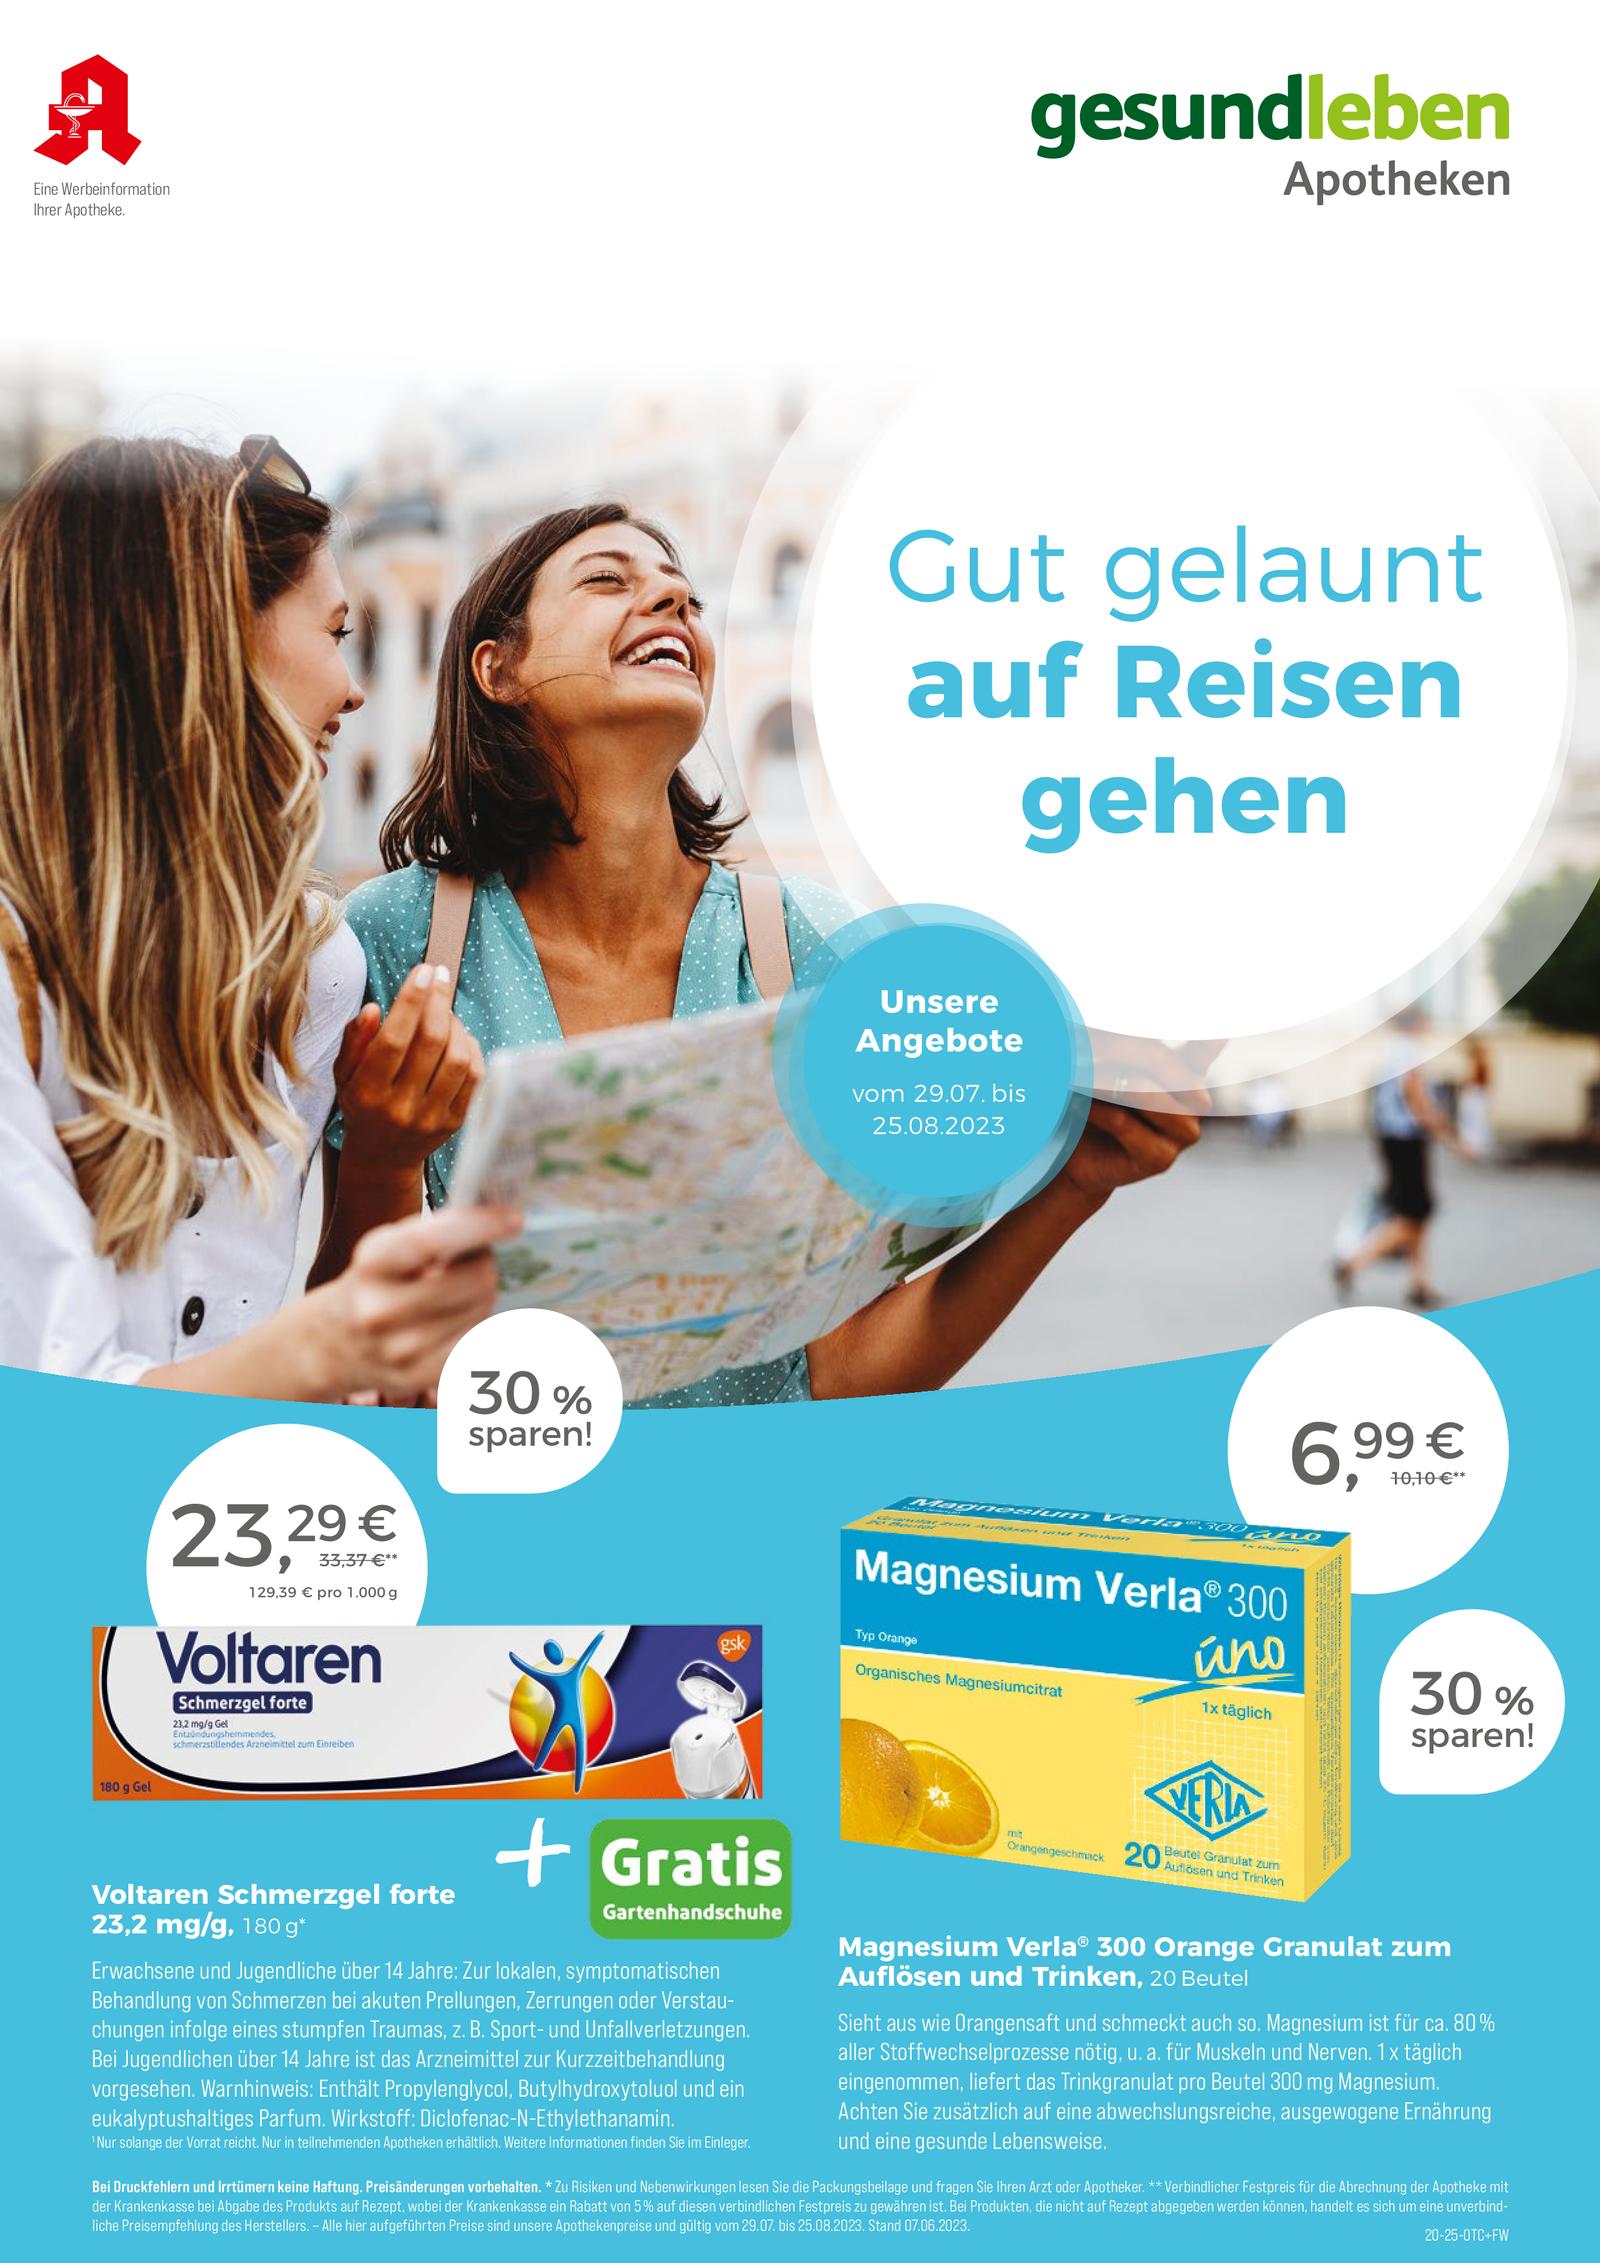 https://mein-uploads.apocdn.net/7104/leaflets/gesundleben_mittel-Seite1.png